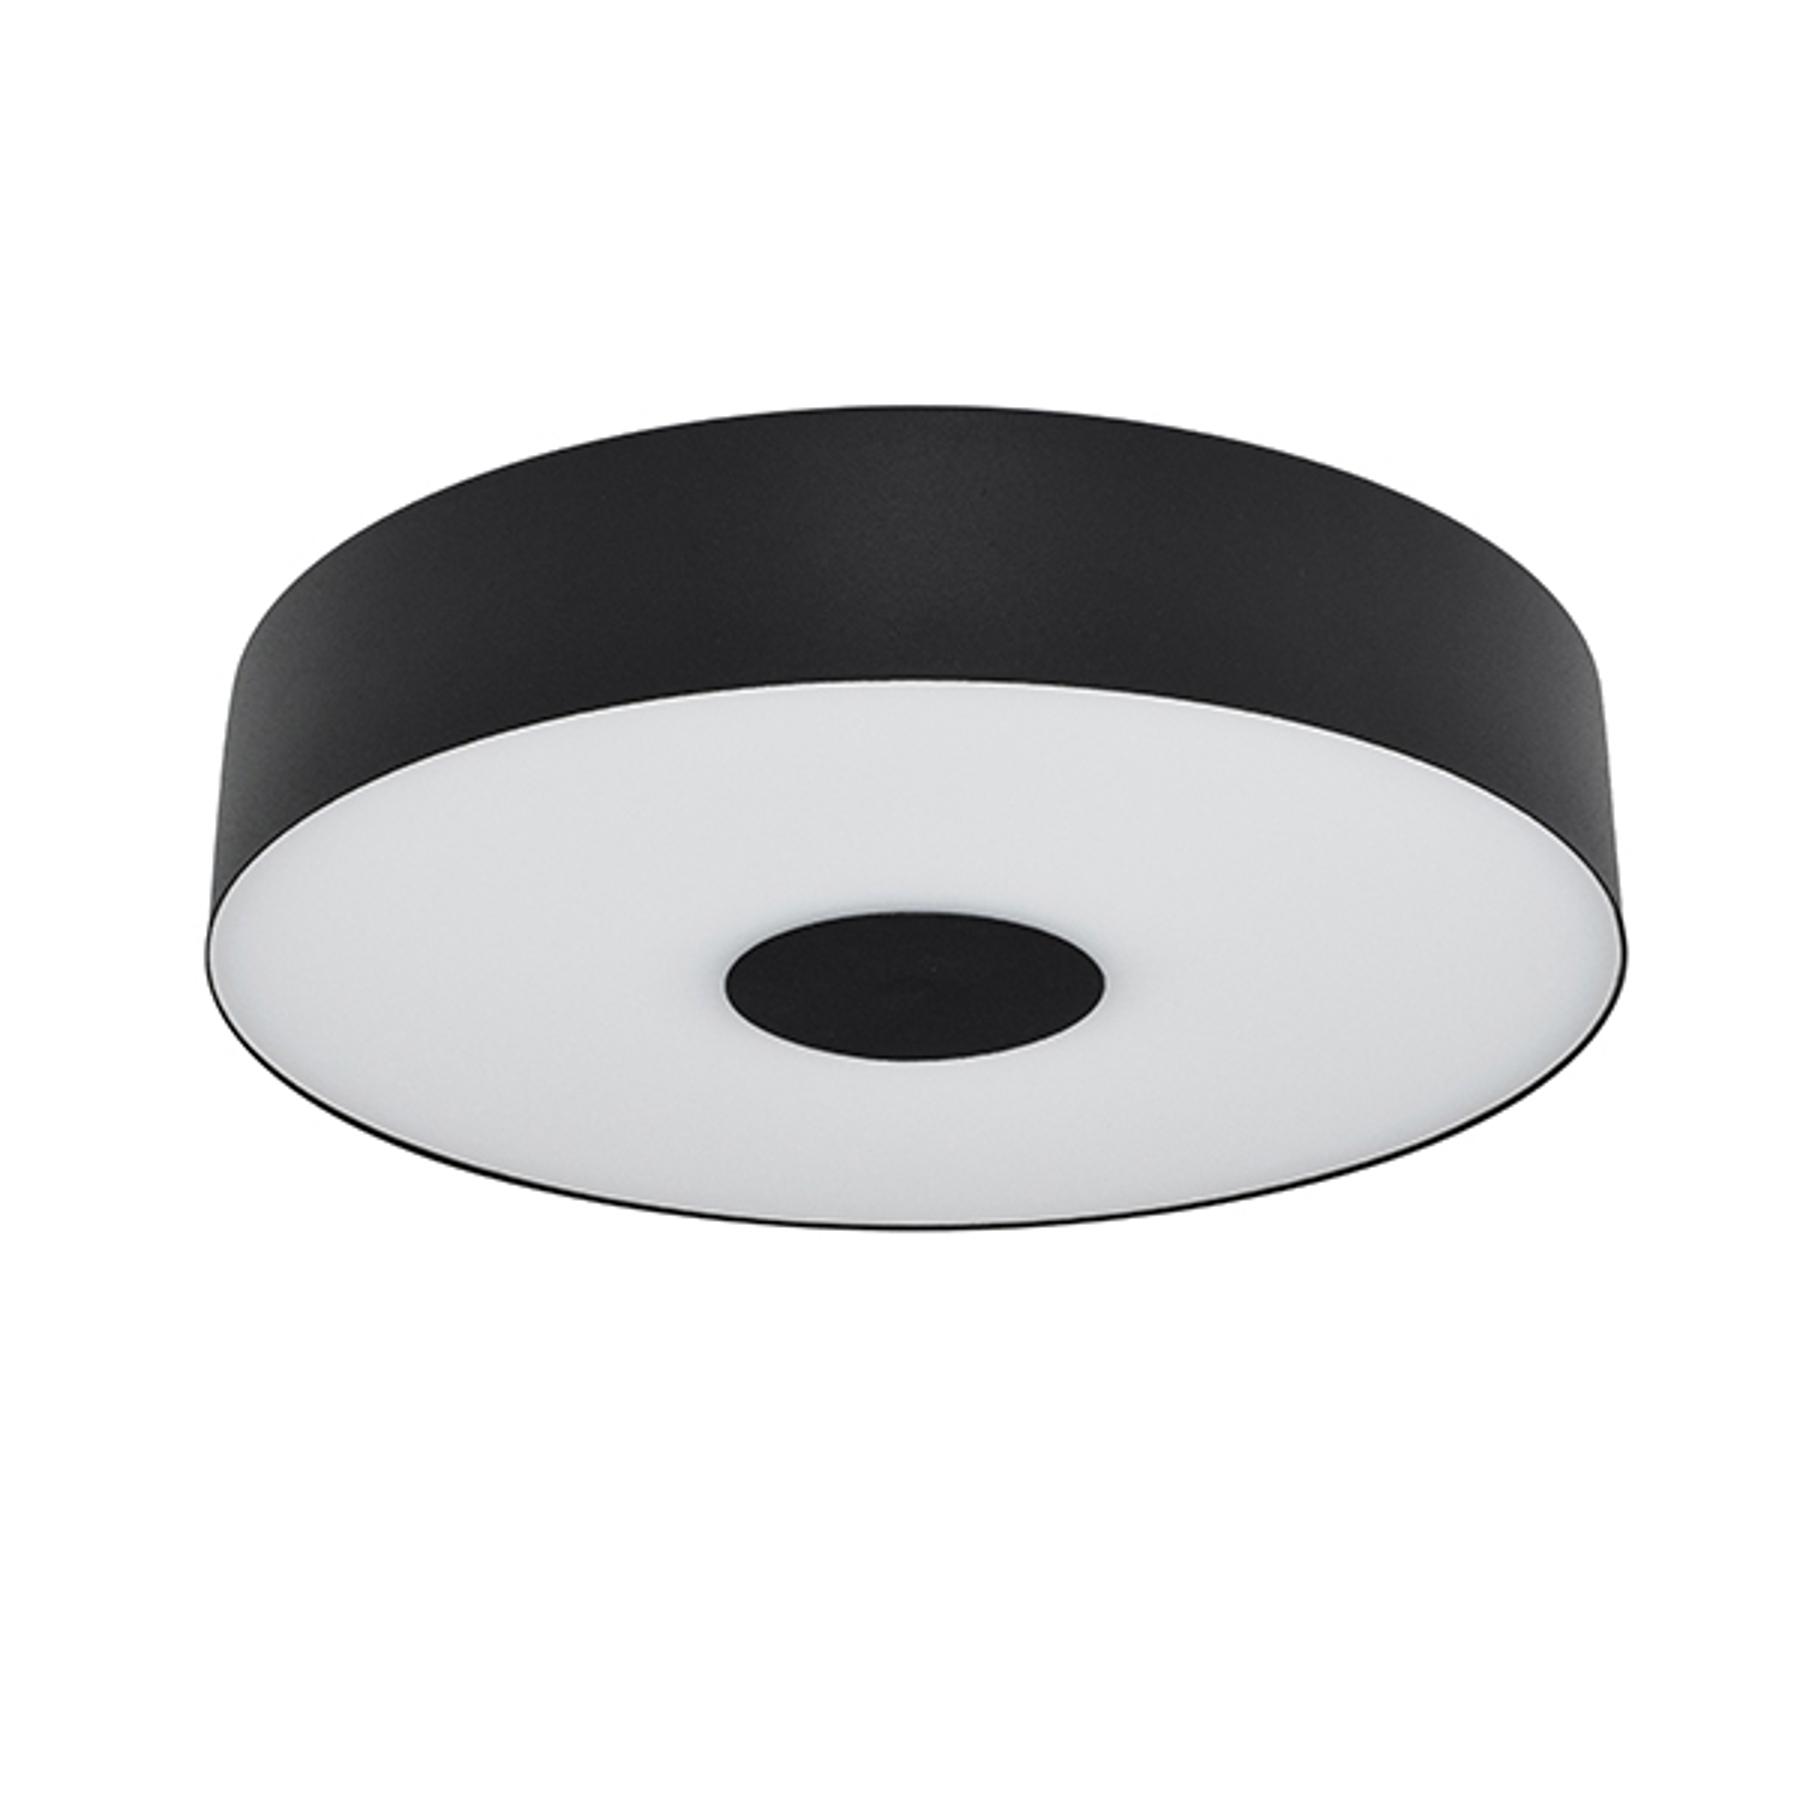 LED-Deckenleuchte Cleopatra Ø 40 cm schwarz